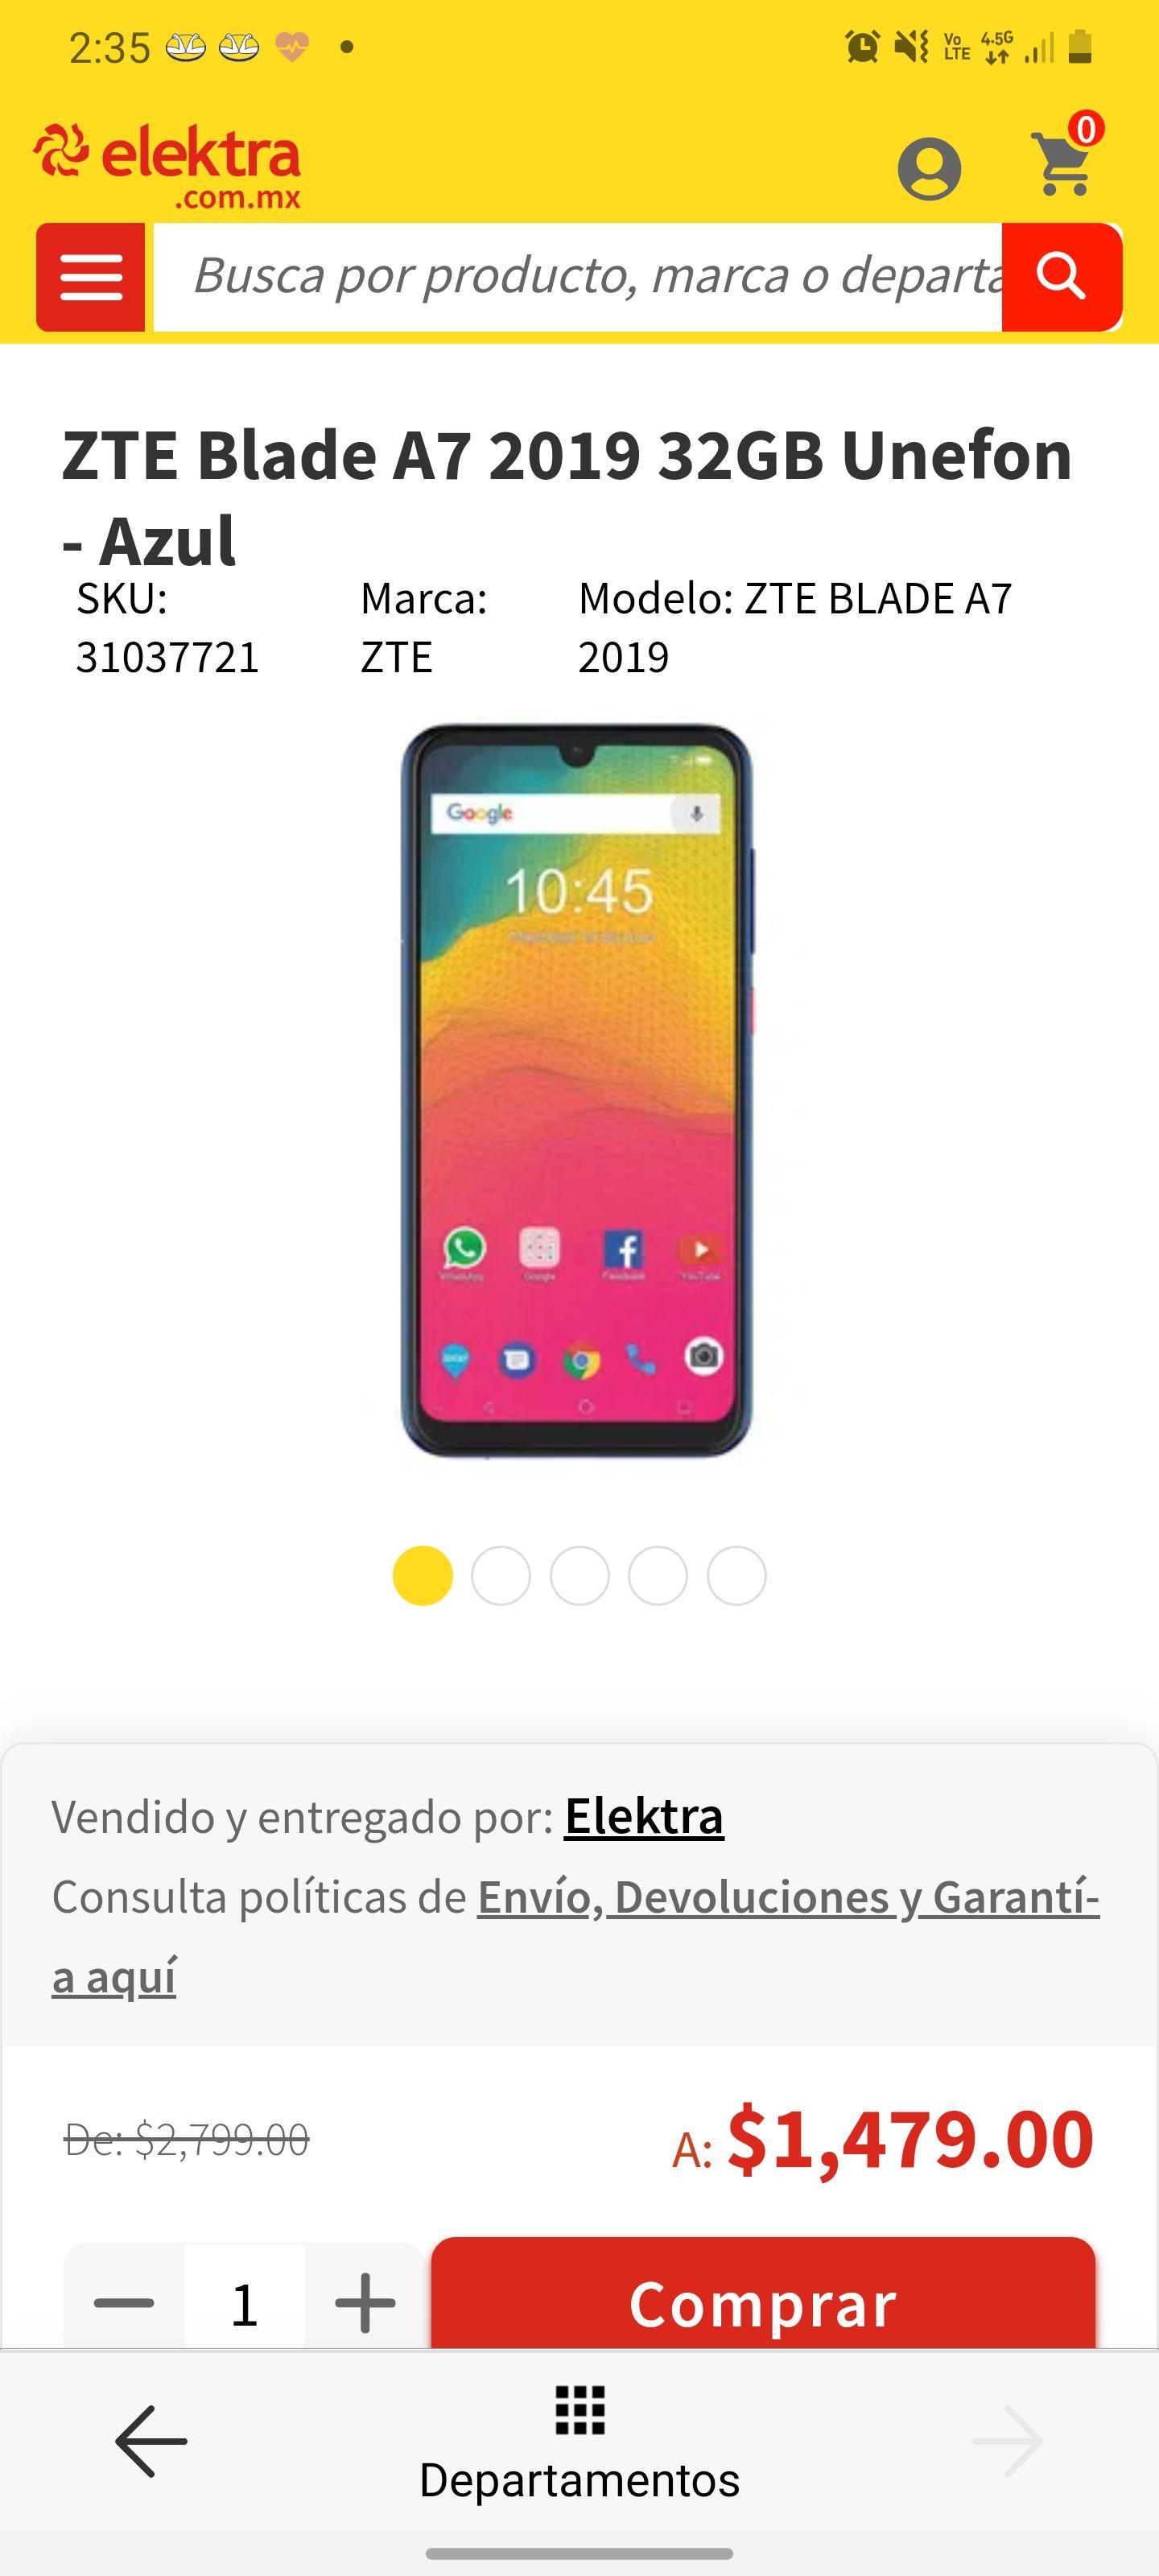 Smartphone Zte blade A7 2019 unefon Elektra